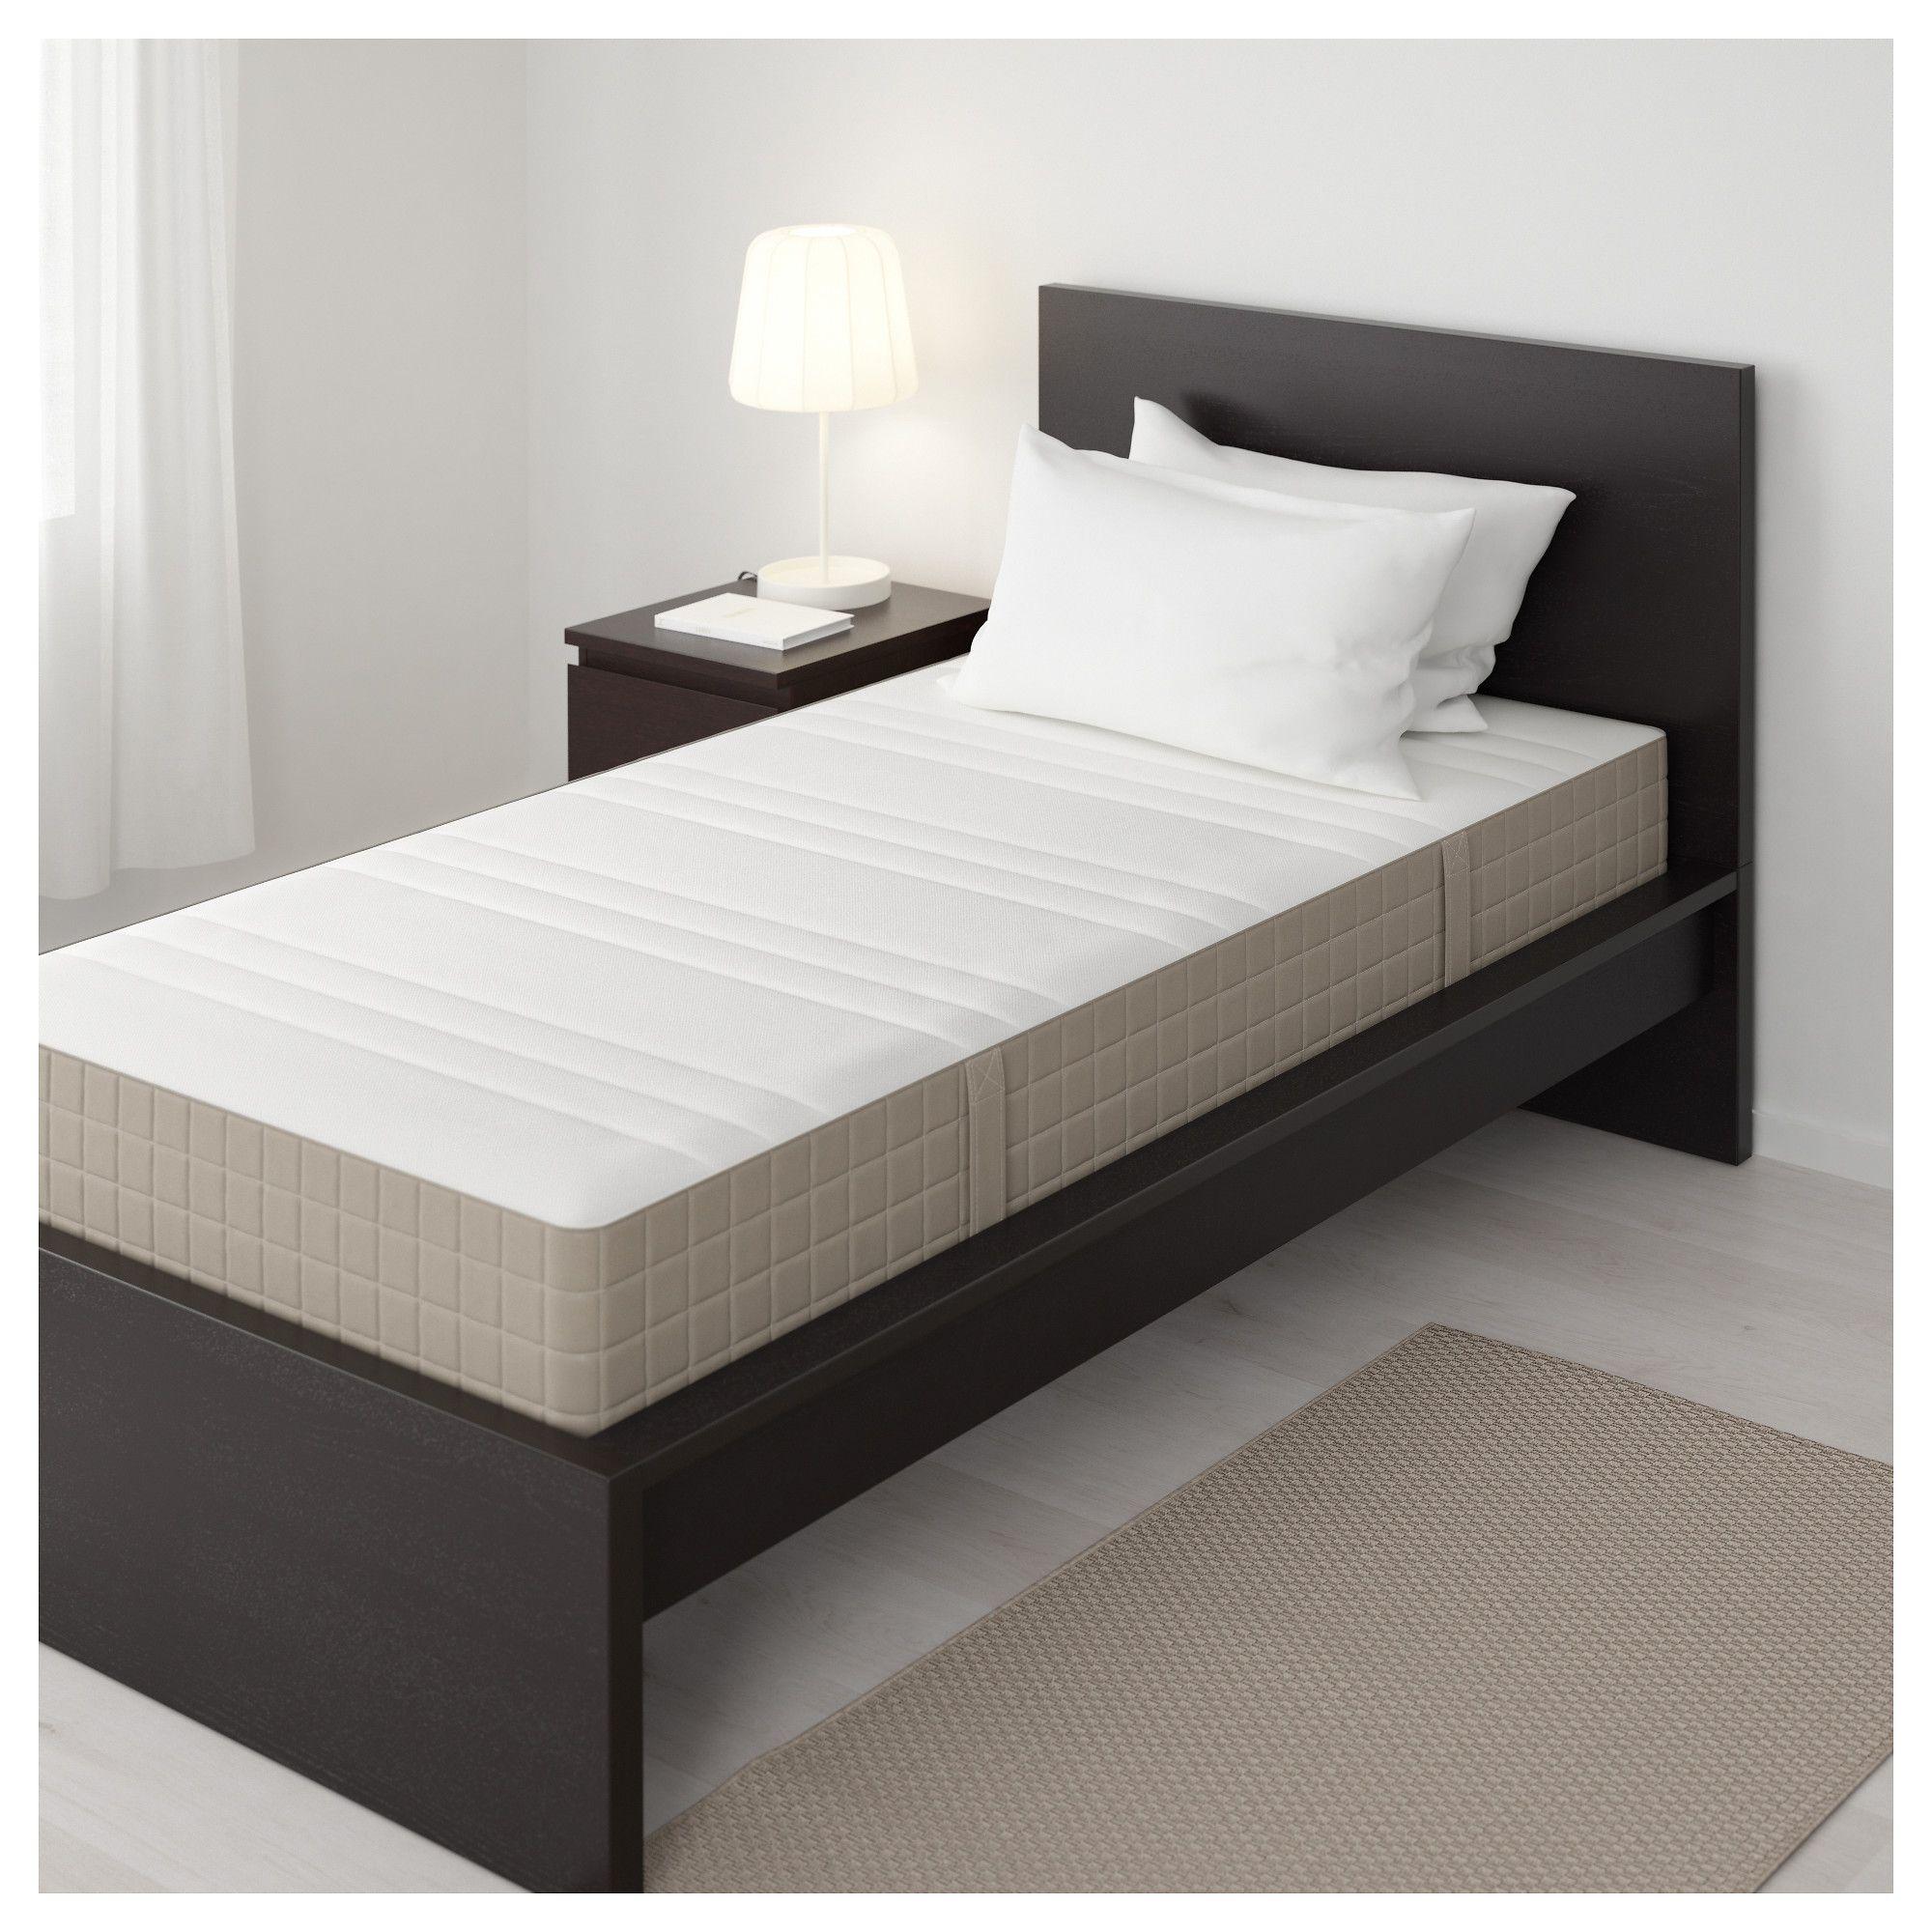 IKEA HAUGESUND Spring mattress firm, dark beige